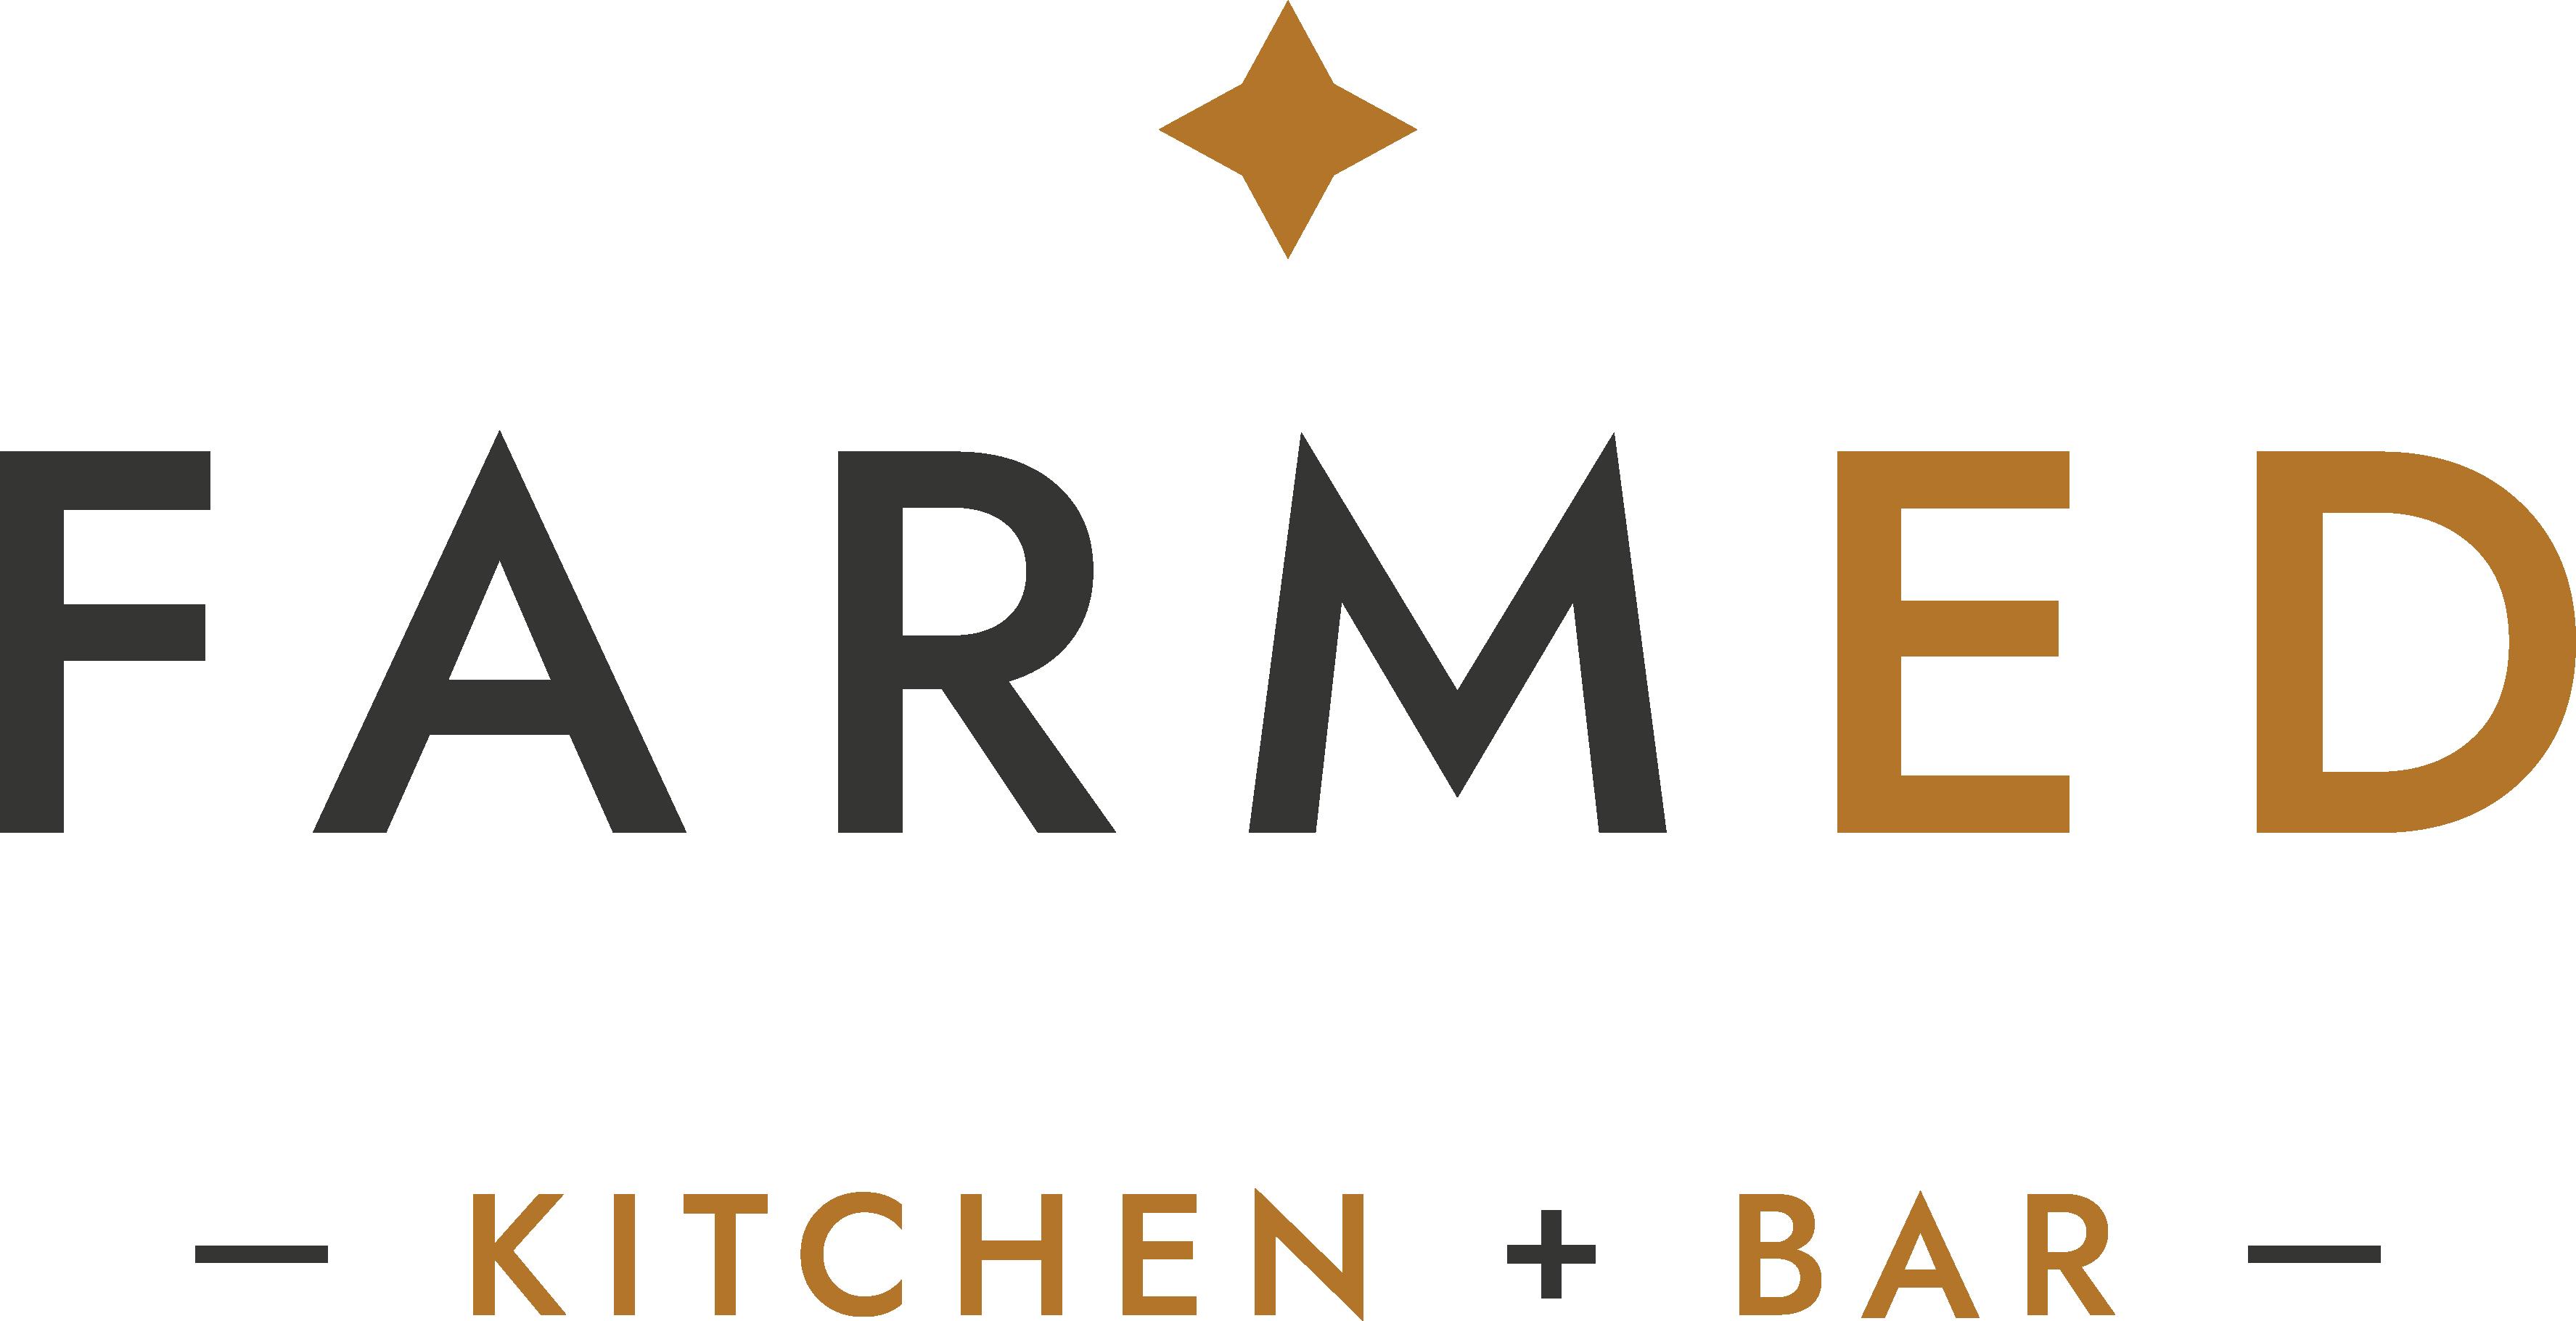 Farmed Kitchen + Bar